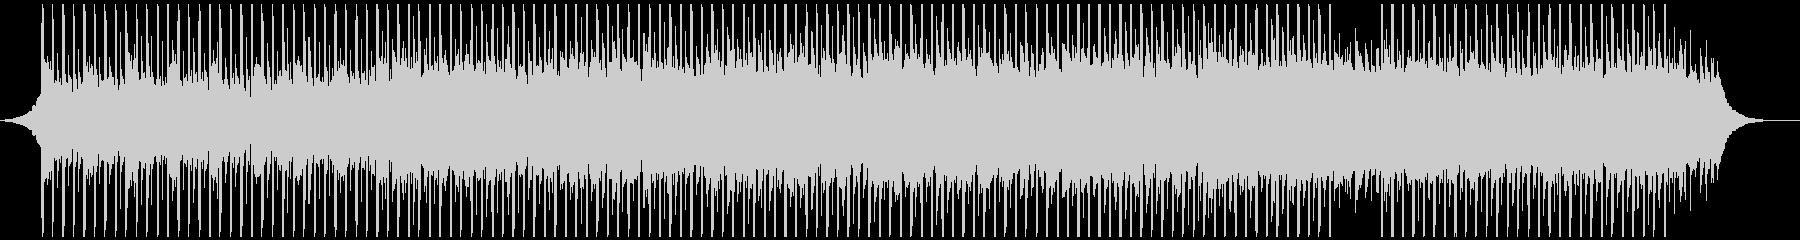 企業の動機付け(90秒)の未再生の波形